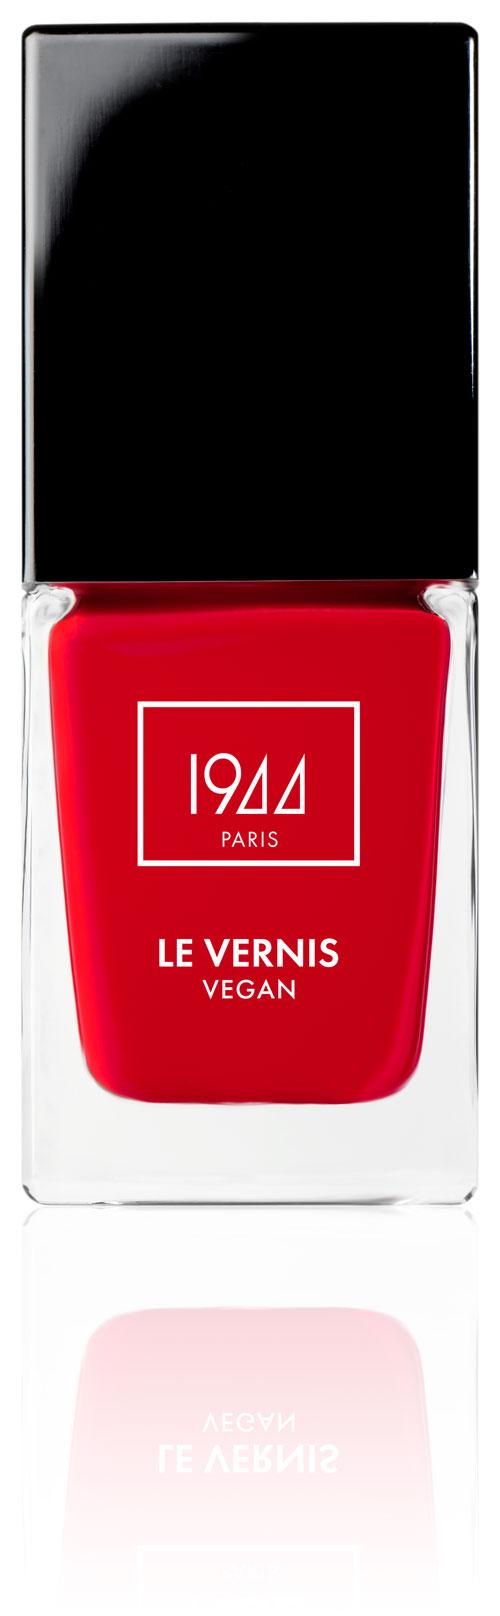 Le Vernis Vegan 1944 Paris